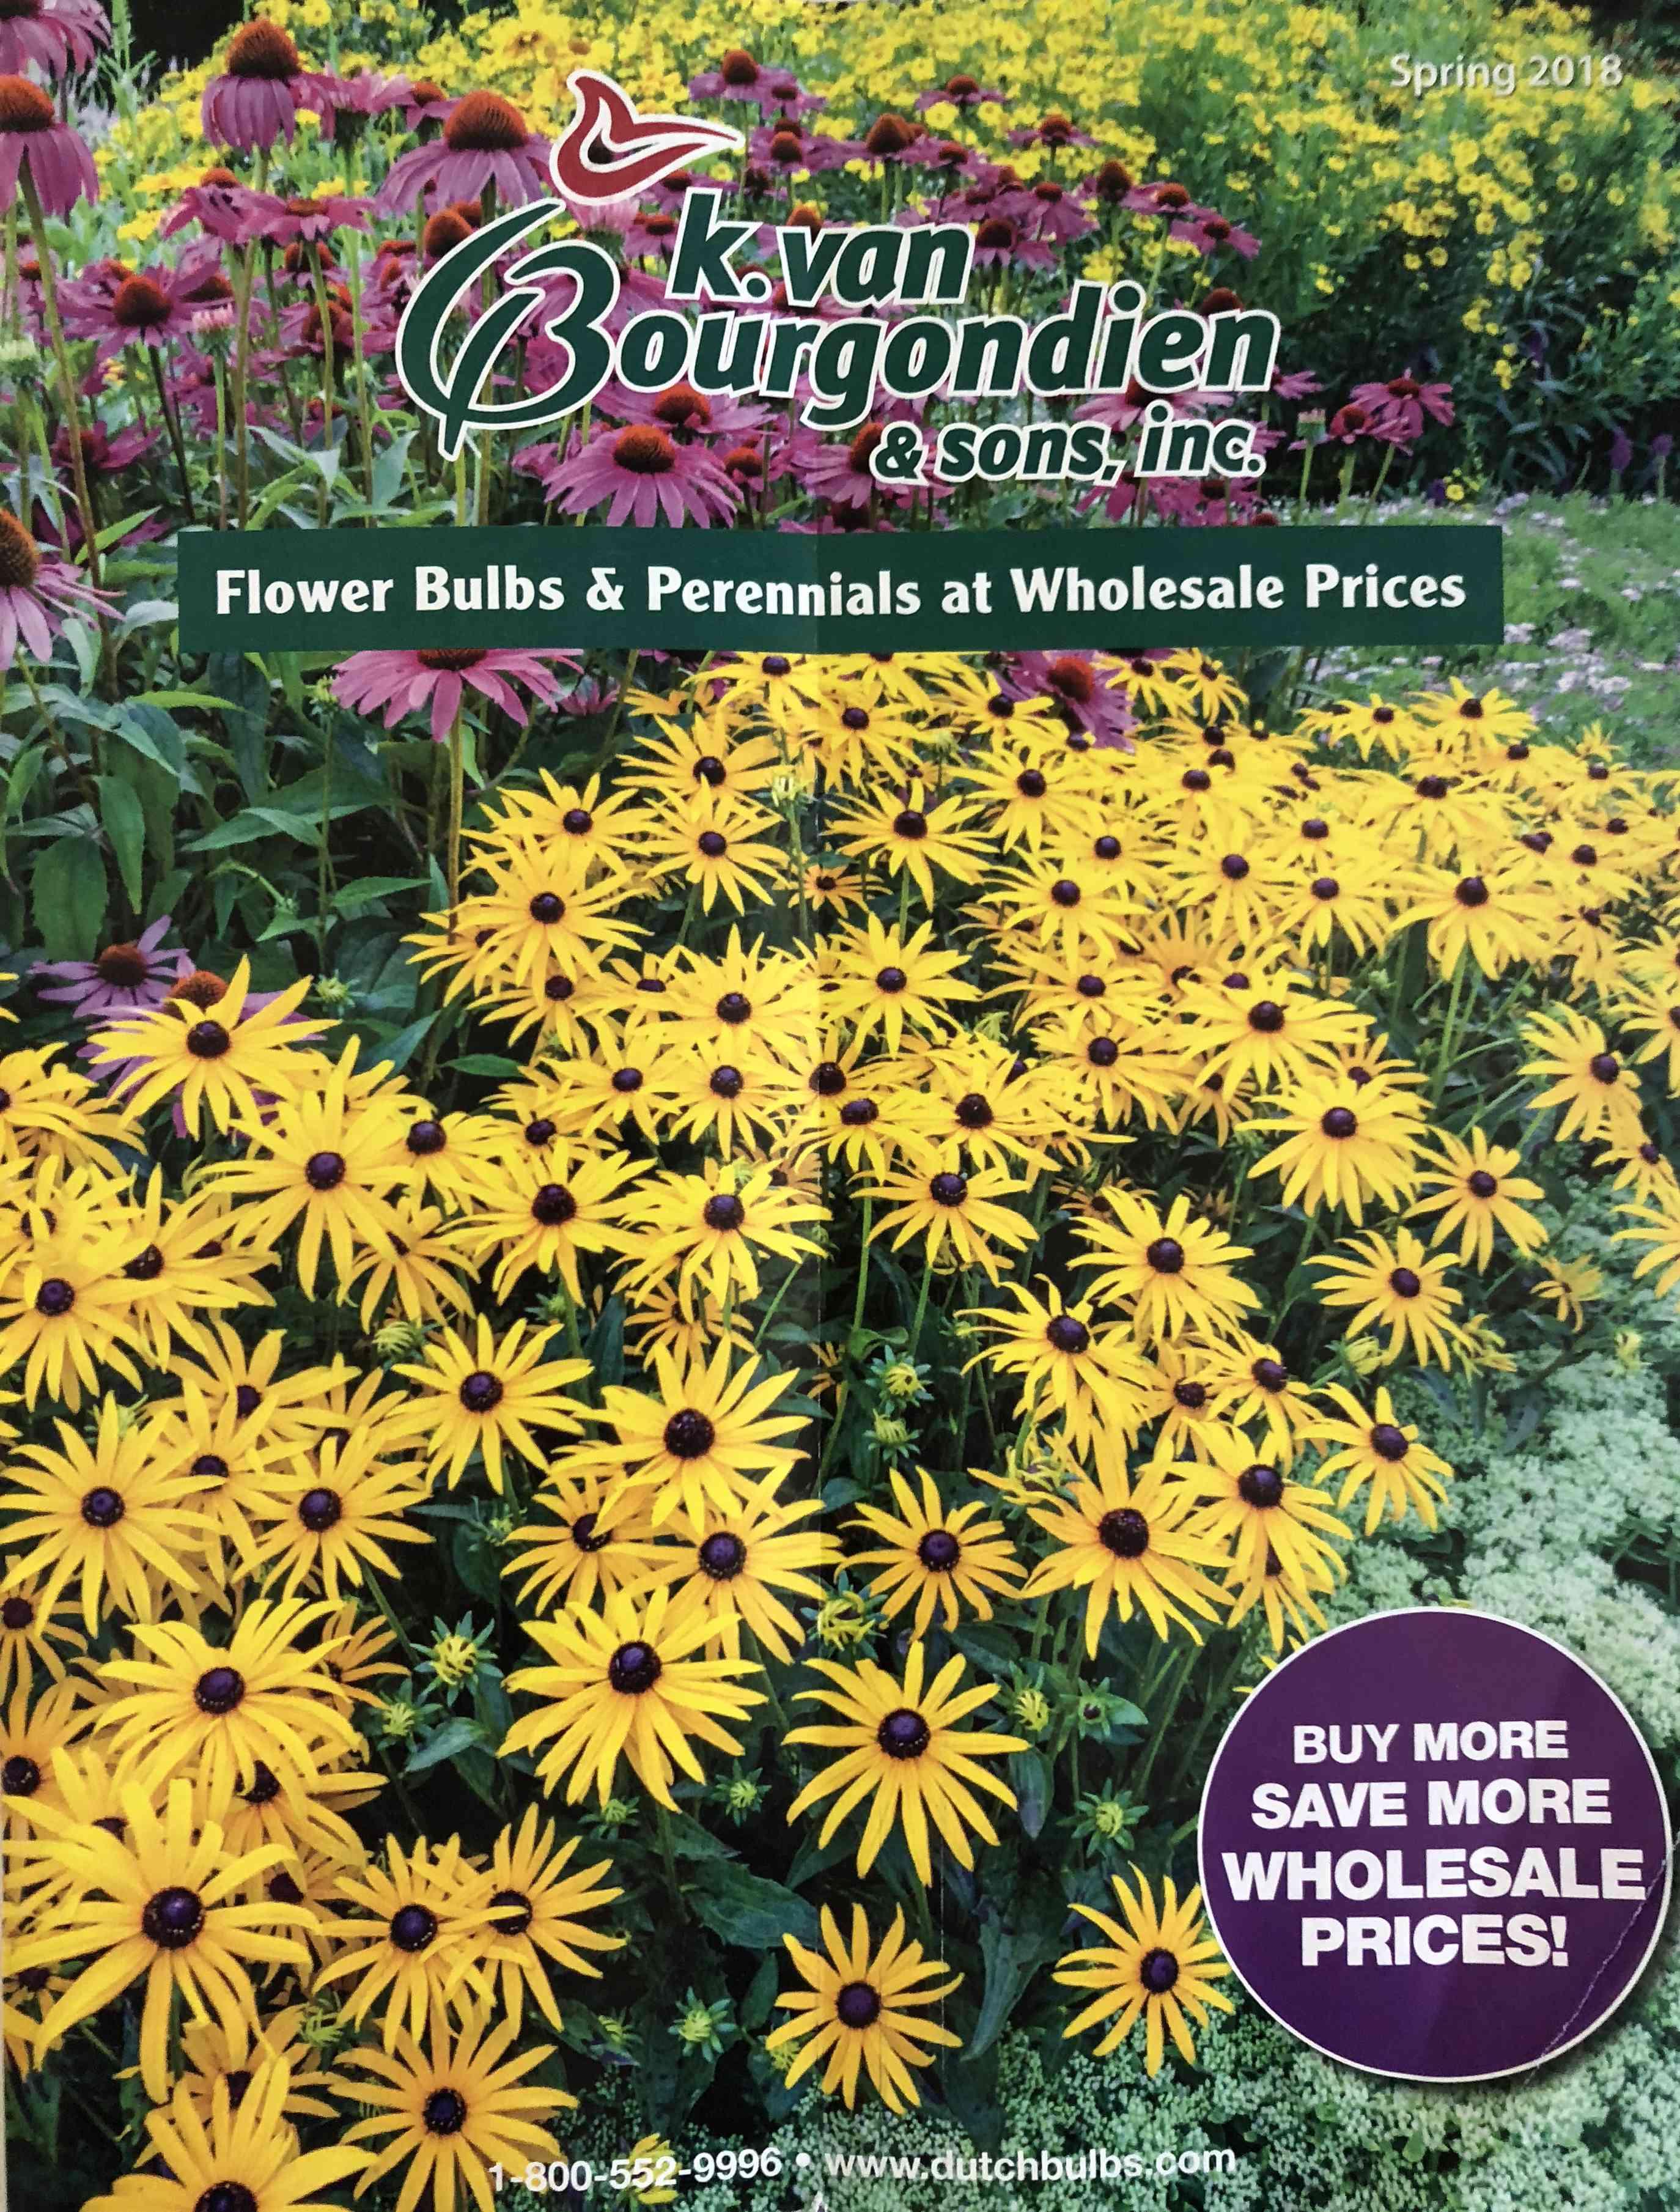 The Van Bougondien 2018 catalog